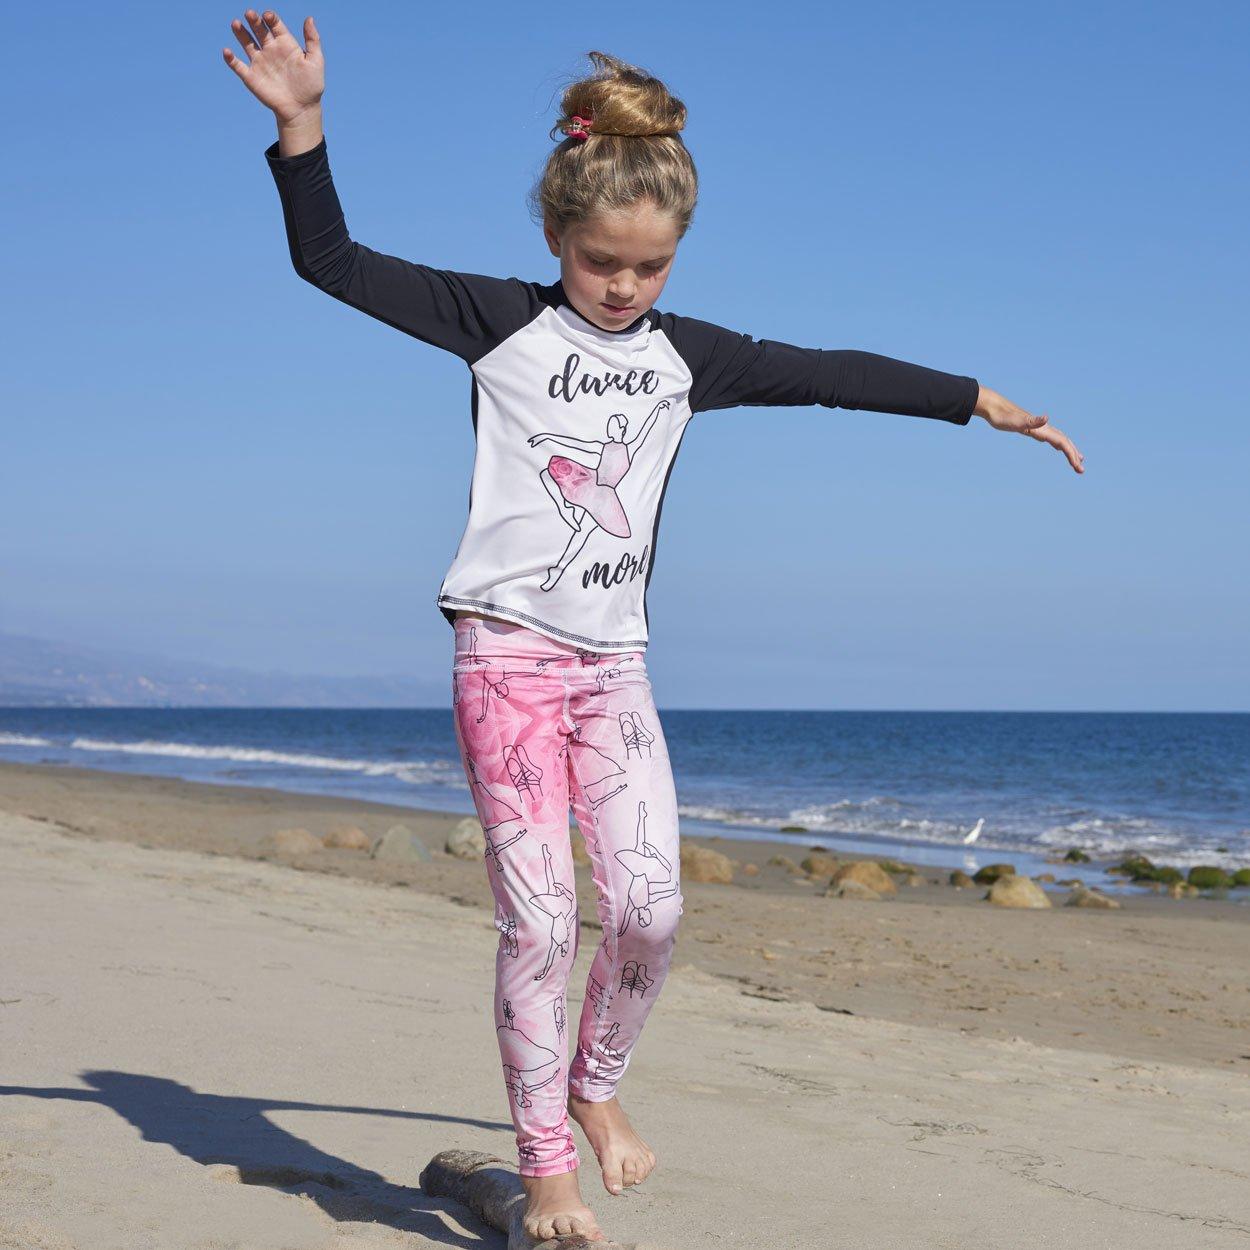 Ballerina Hybrid Youth Leggings UPF 50+